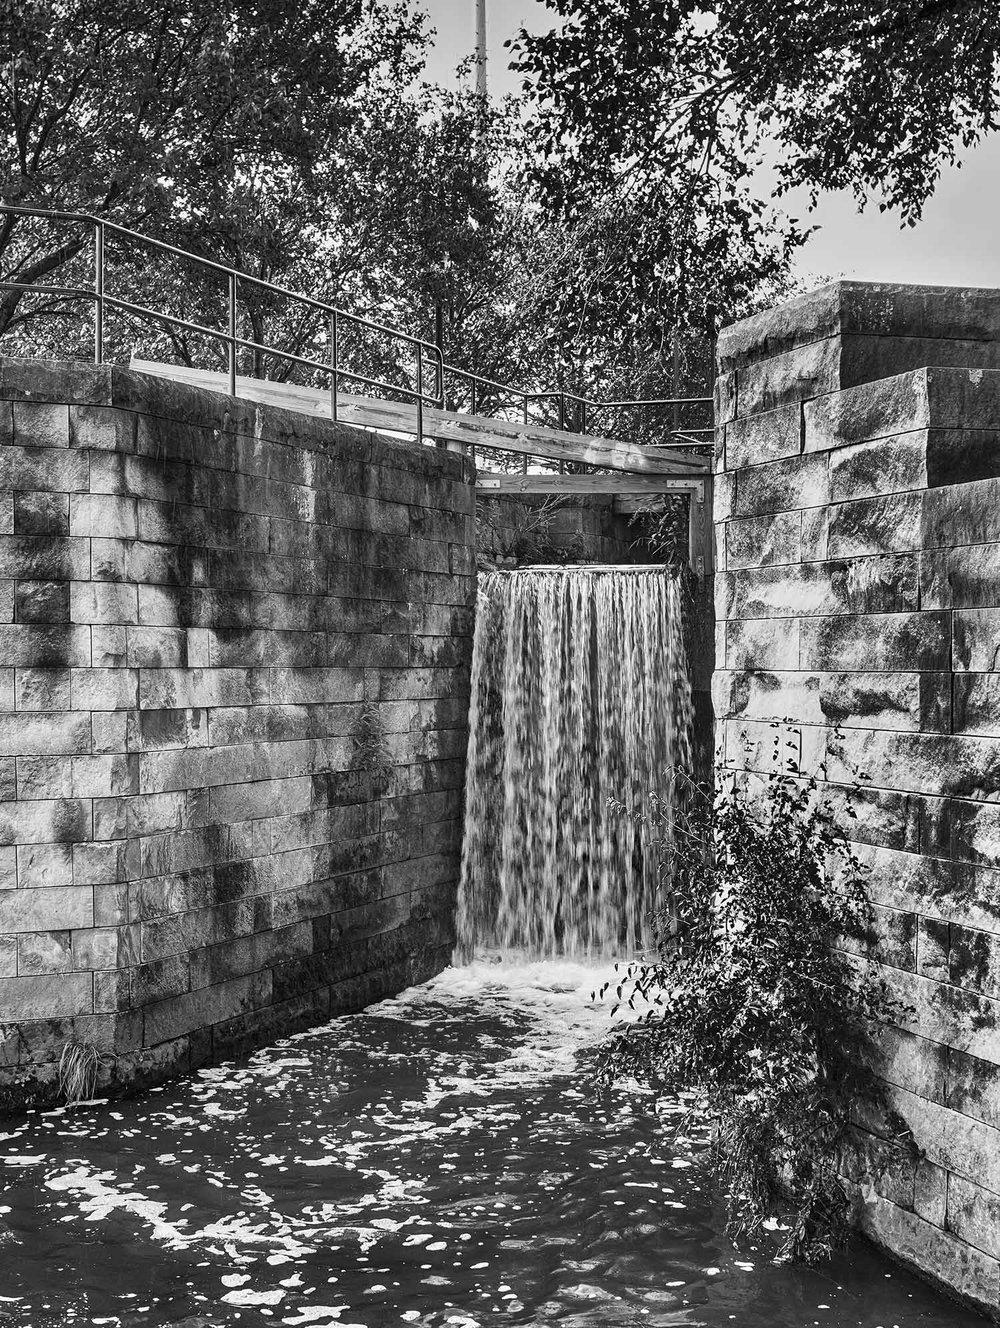 Ohio & Erie Canal Lock 2